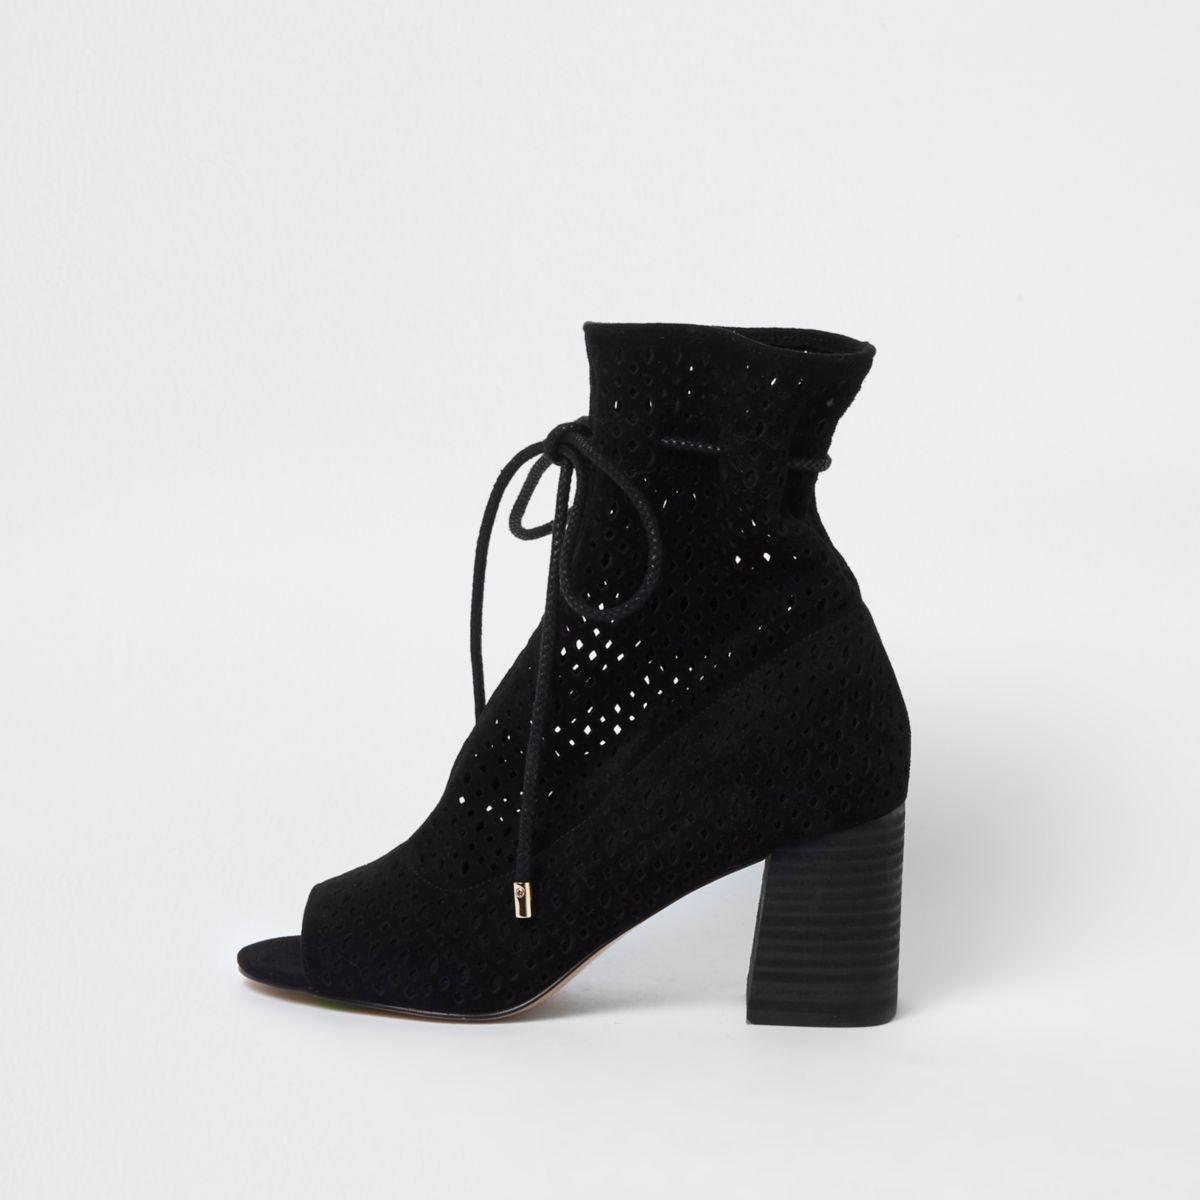 Black suede laser cut block heel shoe boots